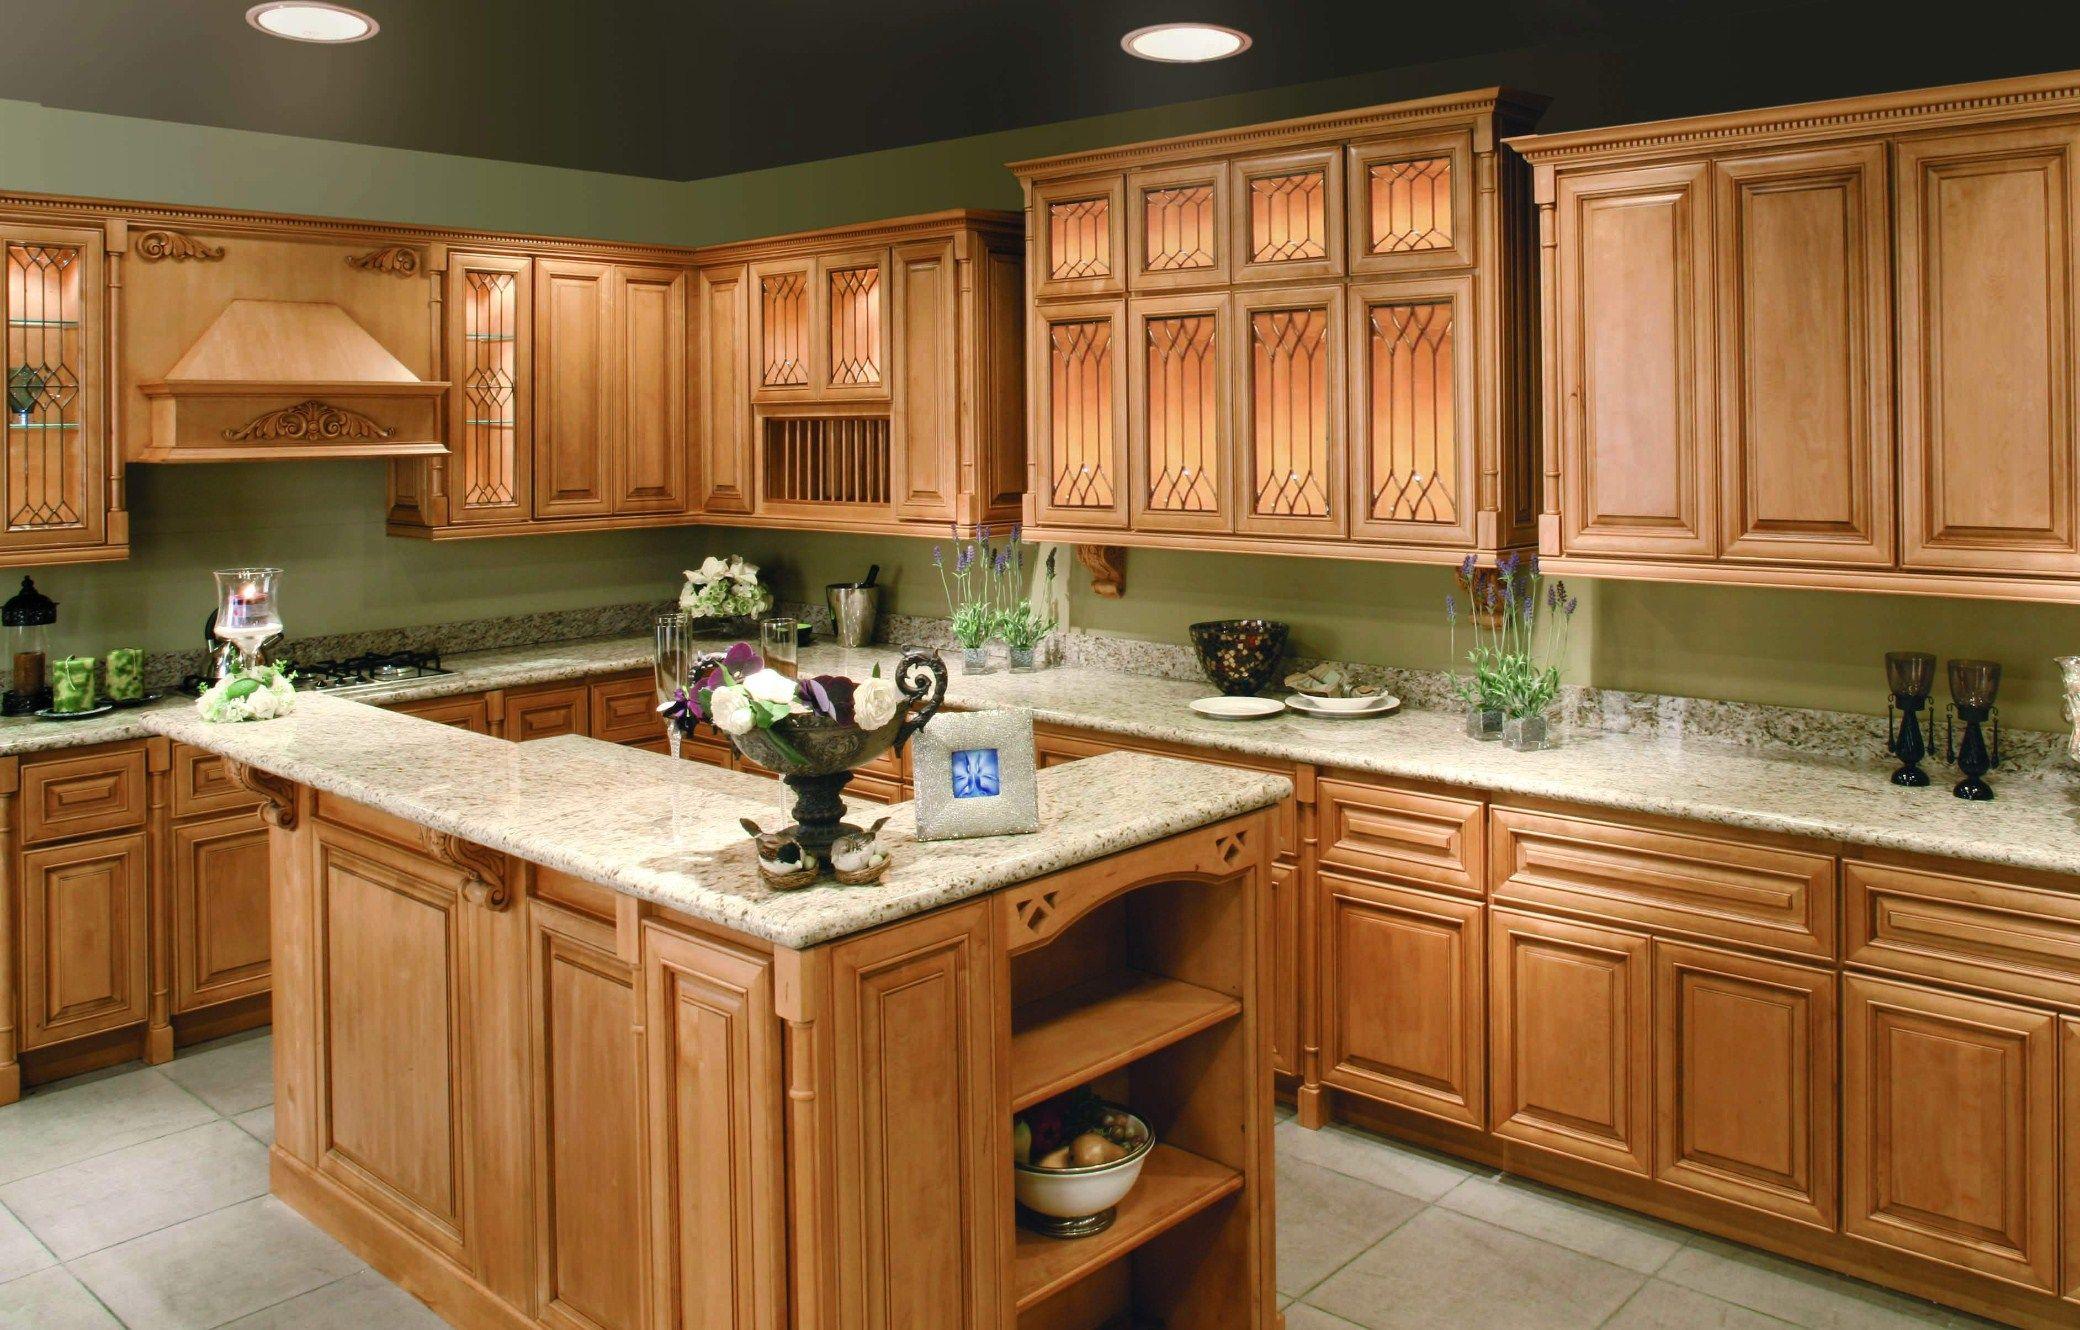 kitchen countertops prices Kitchen Quartz Countertops With Oak Cabinets Cabinets With White Quartz